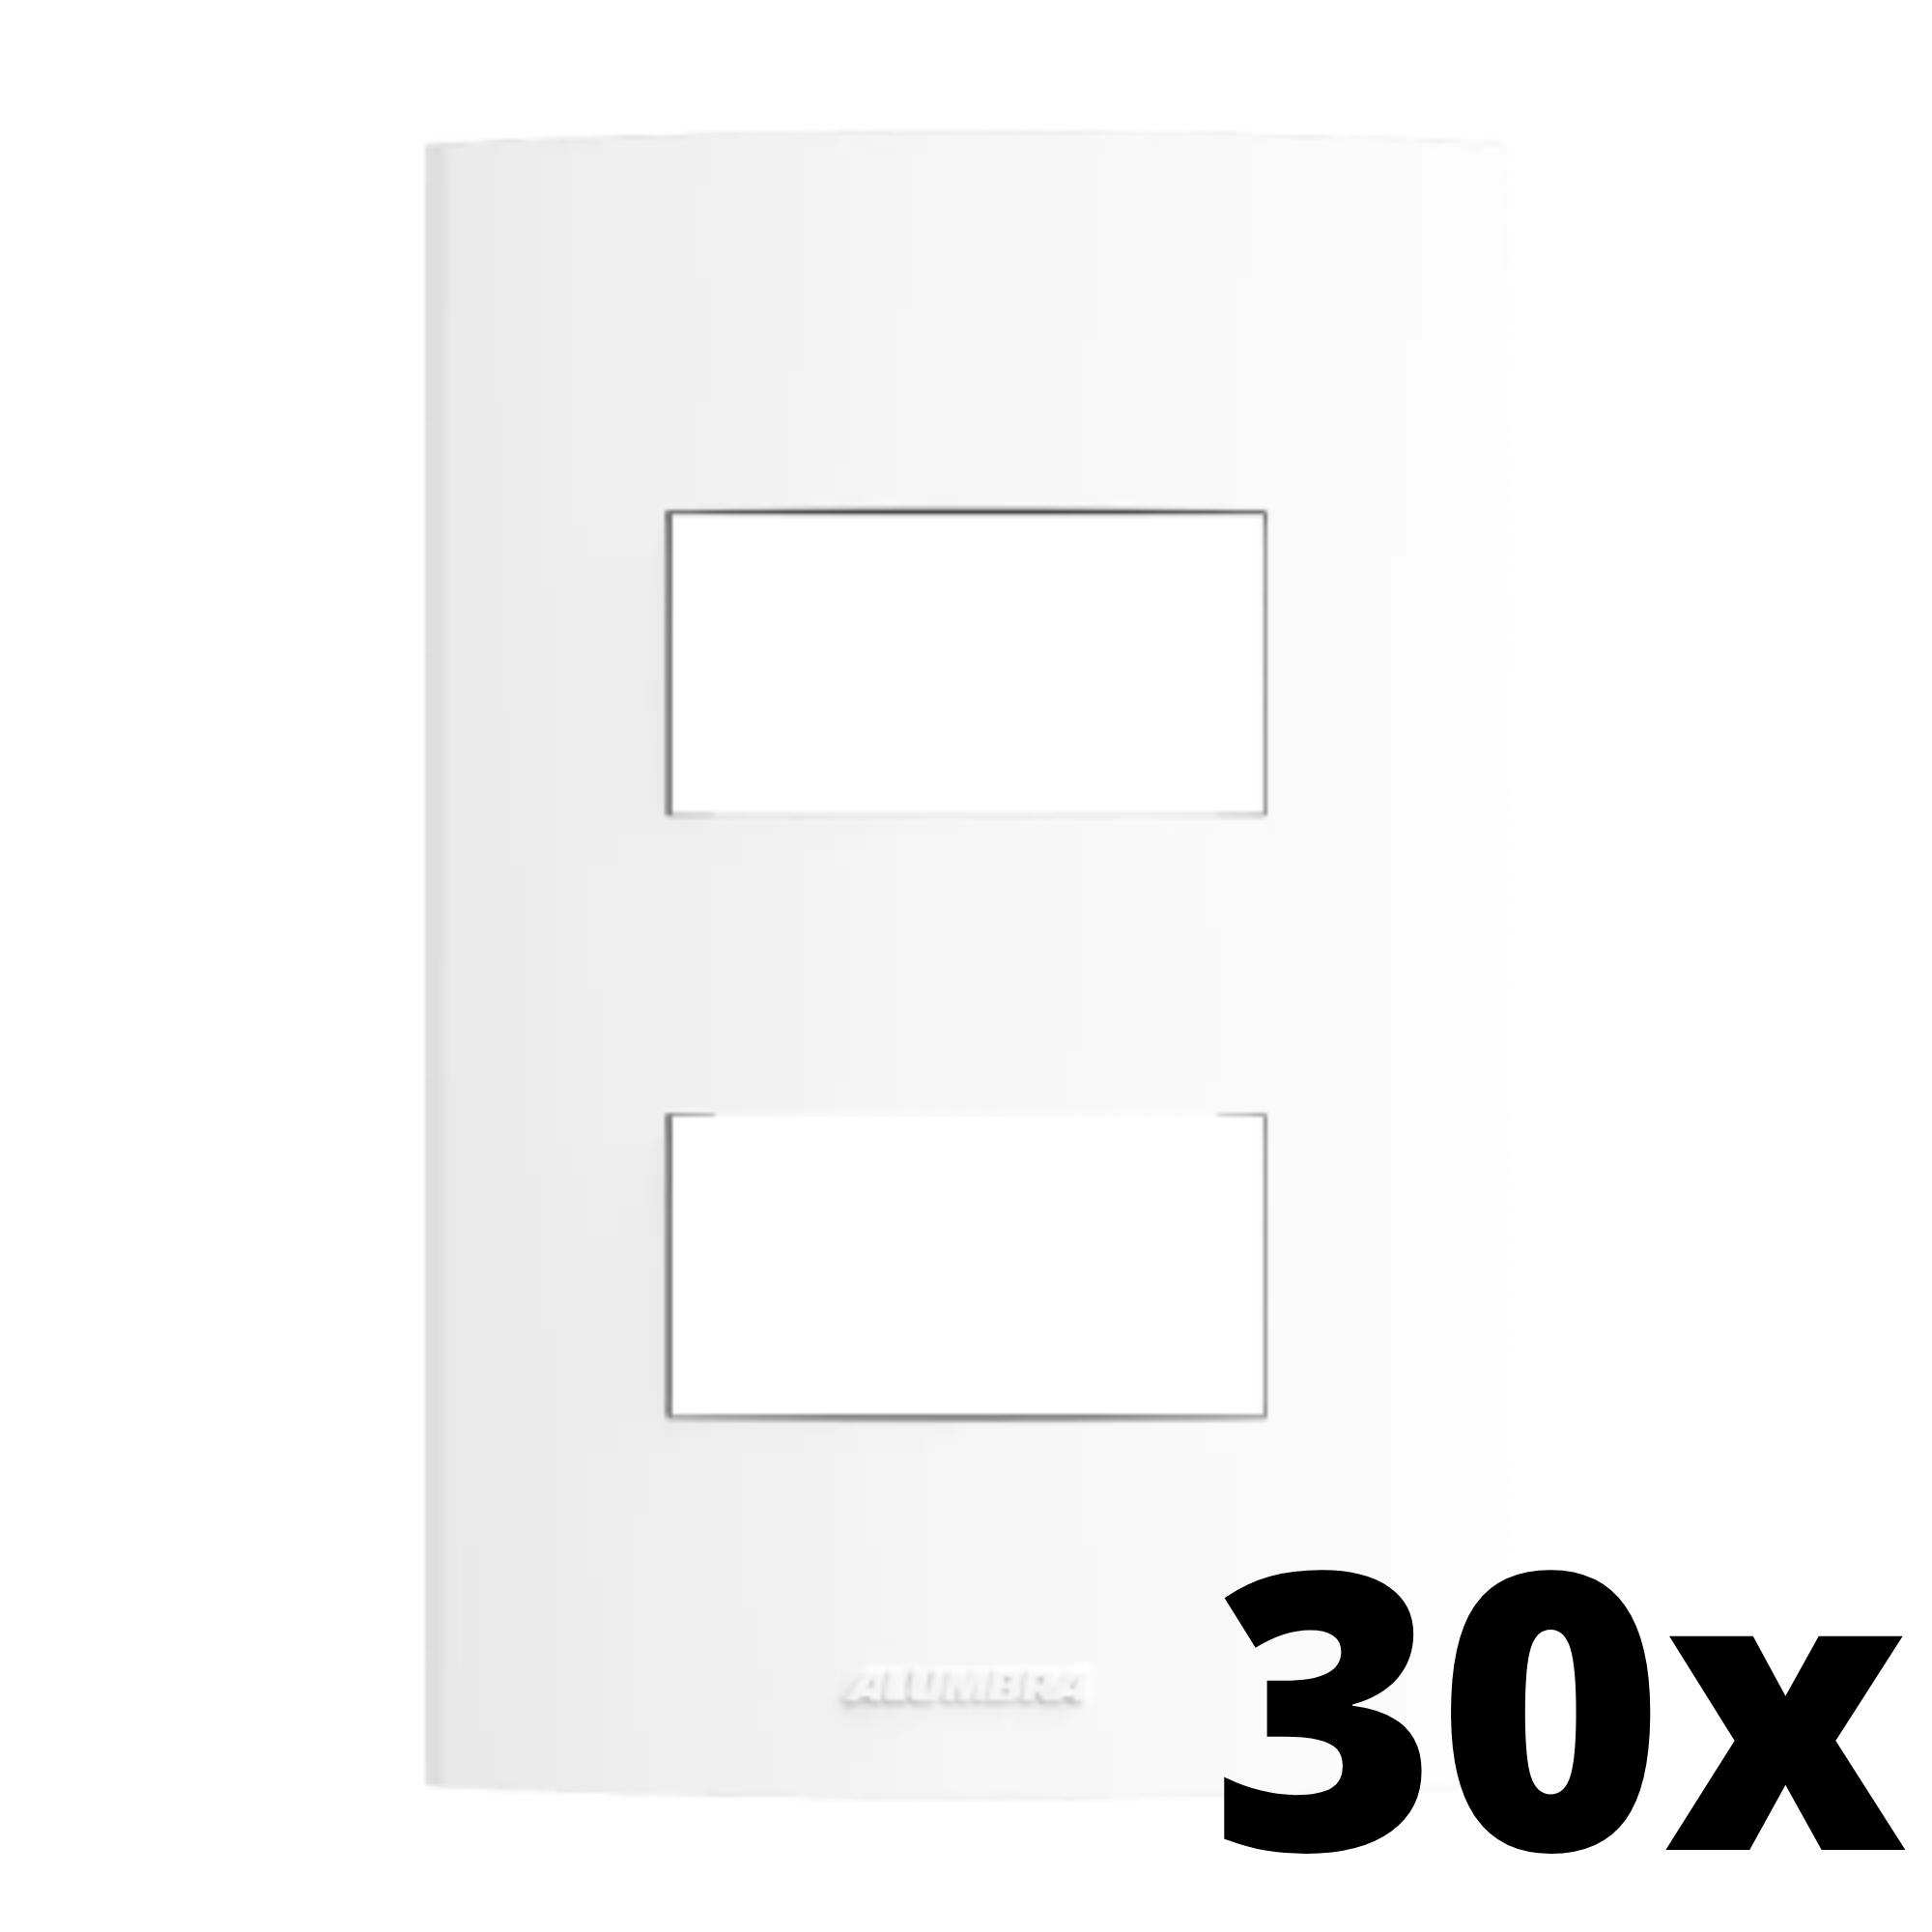 Kit 30 und Inova Pró Placa 4x2 2 Seções